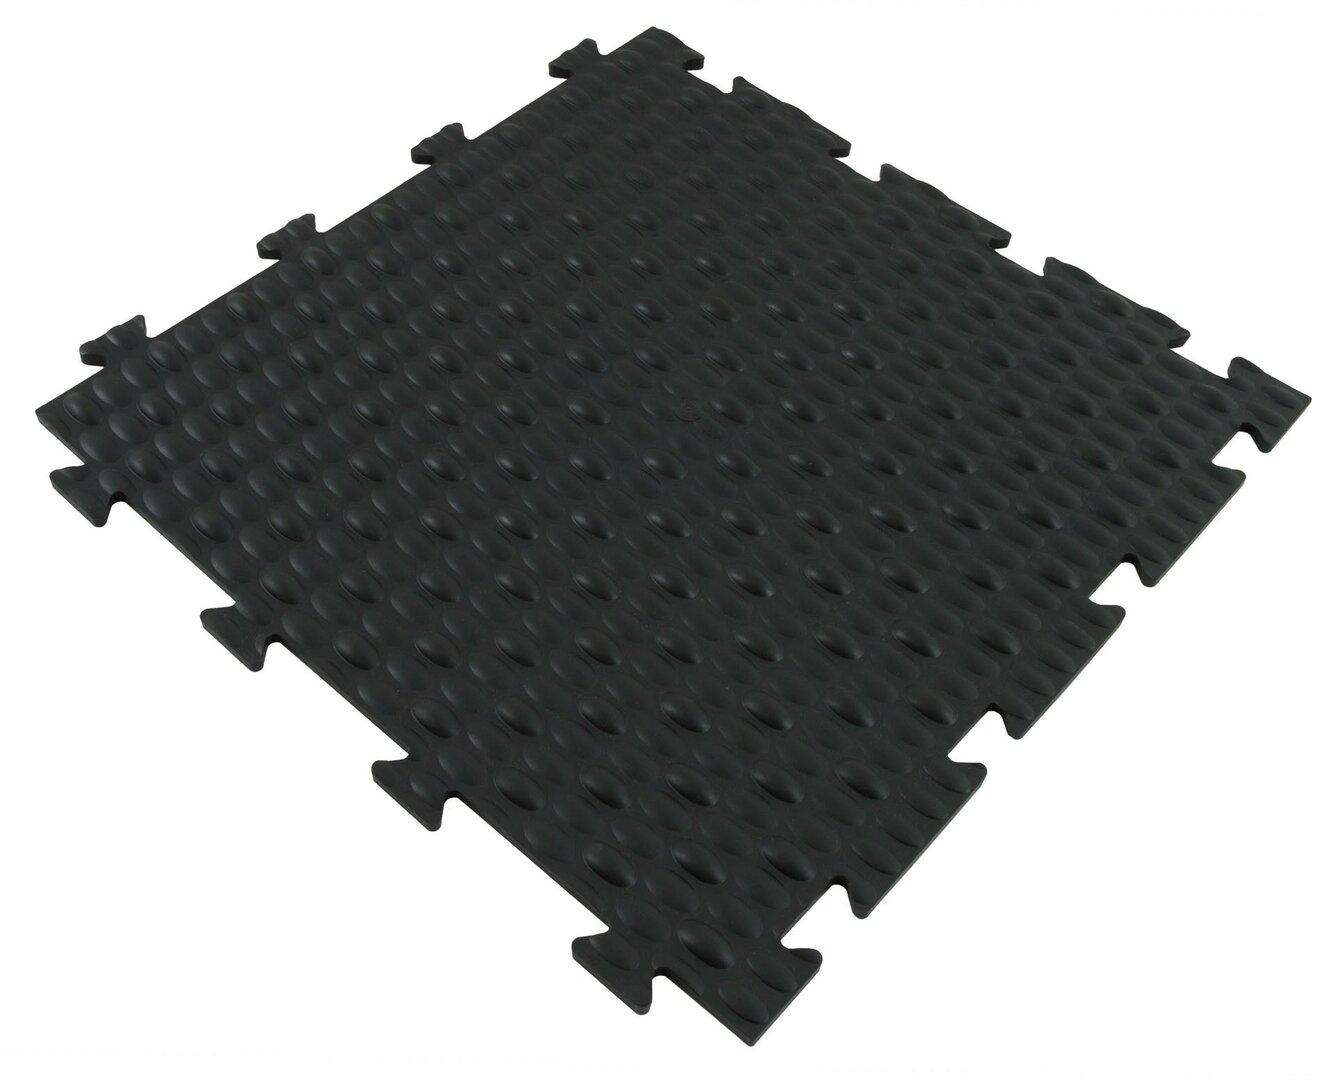 Černá PVC vinylová zátěžová puzzle protiúnavová dlaždice Tenax - 50 x 50 x 0,8 cm